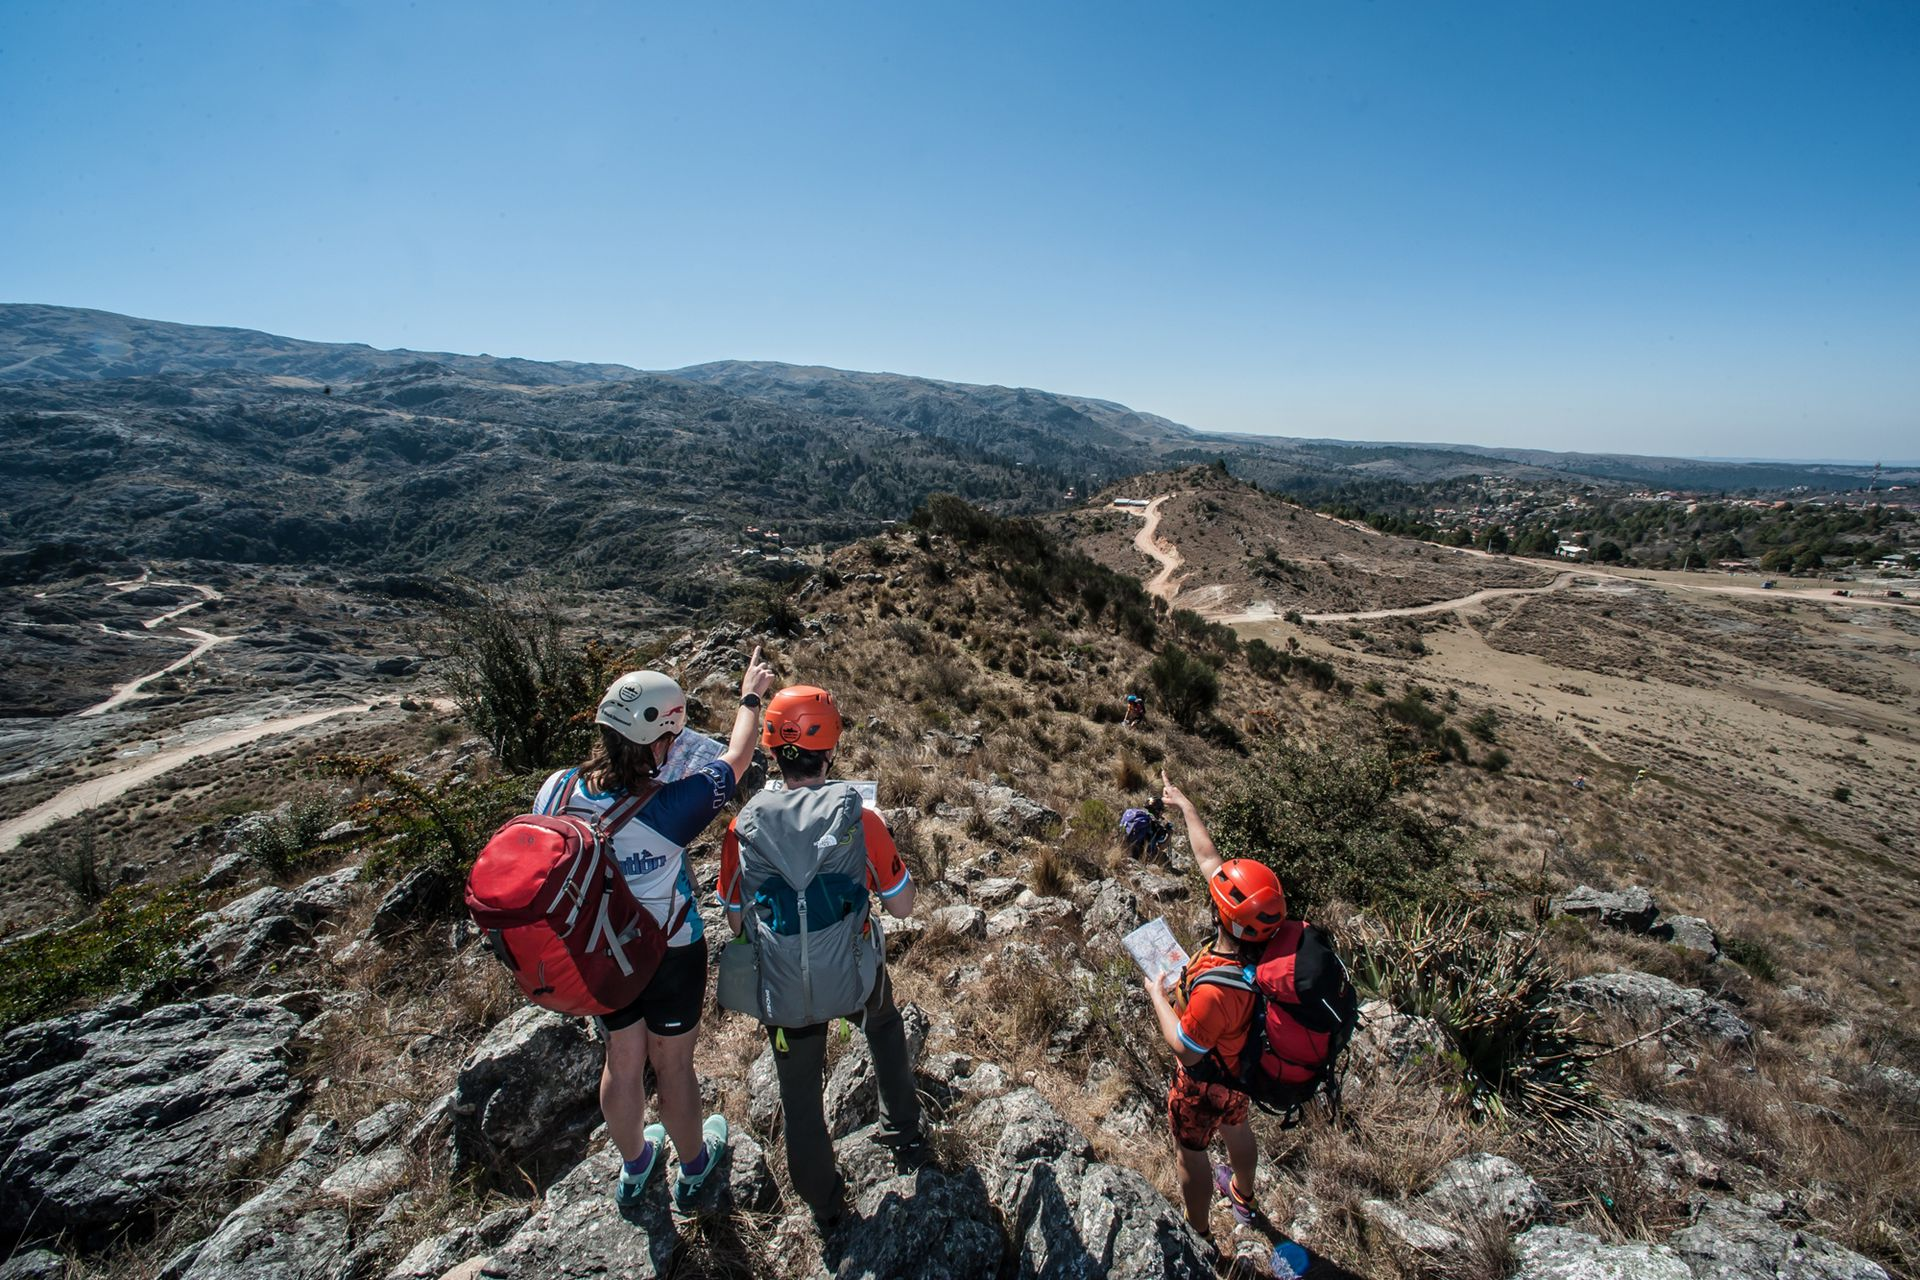 Los más experimentados caminan 50 kilómetros durante los dos días y los chicos y principiantes, entre 10 y 20